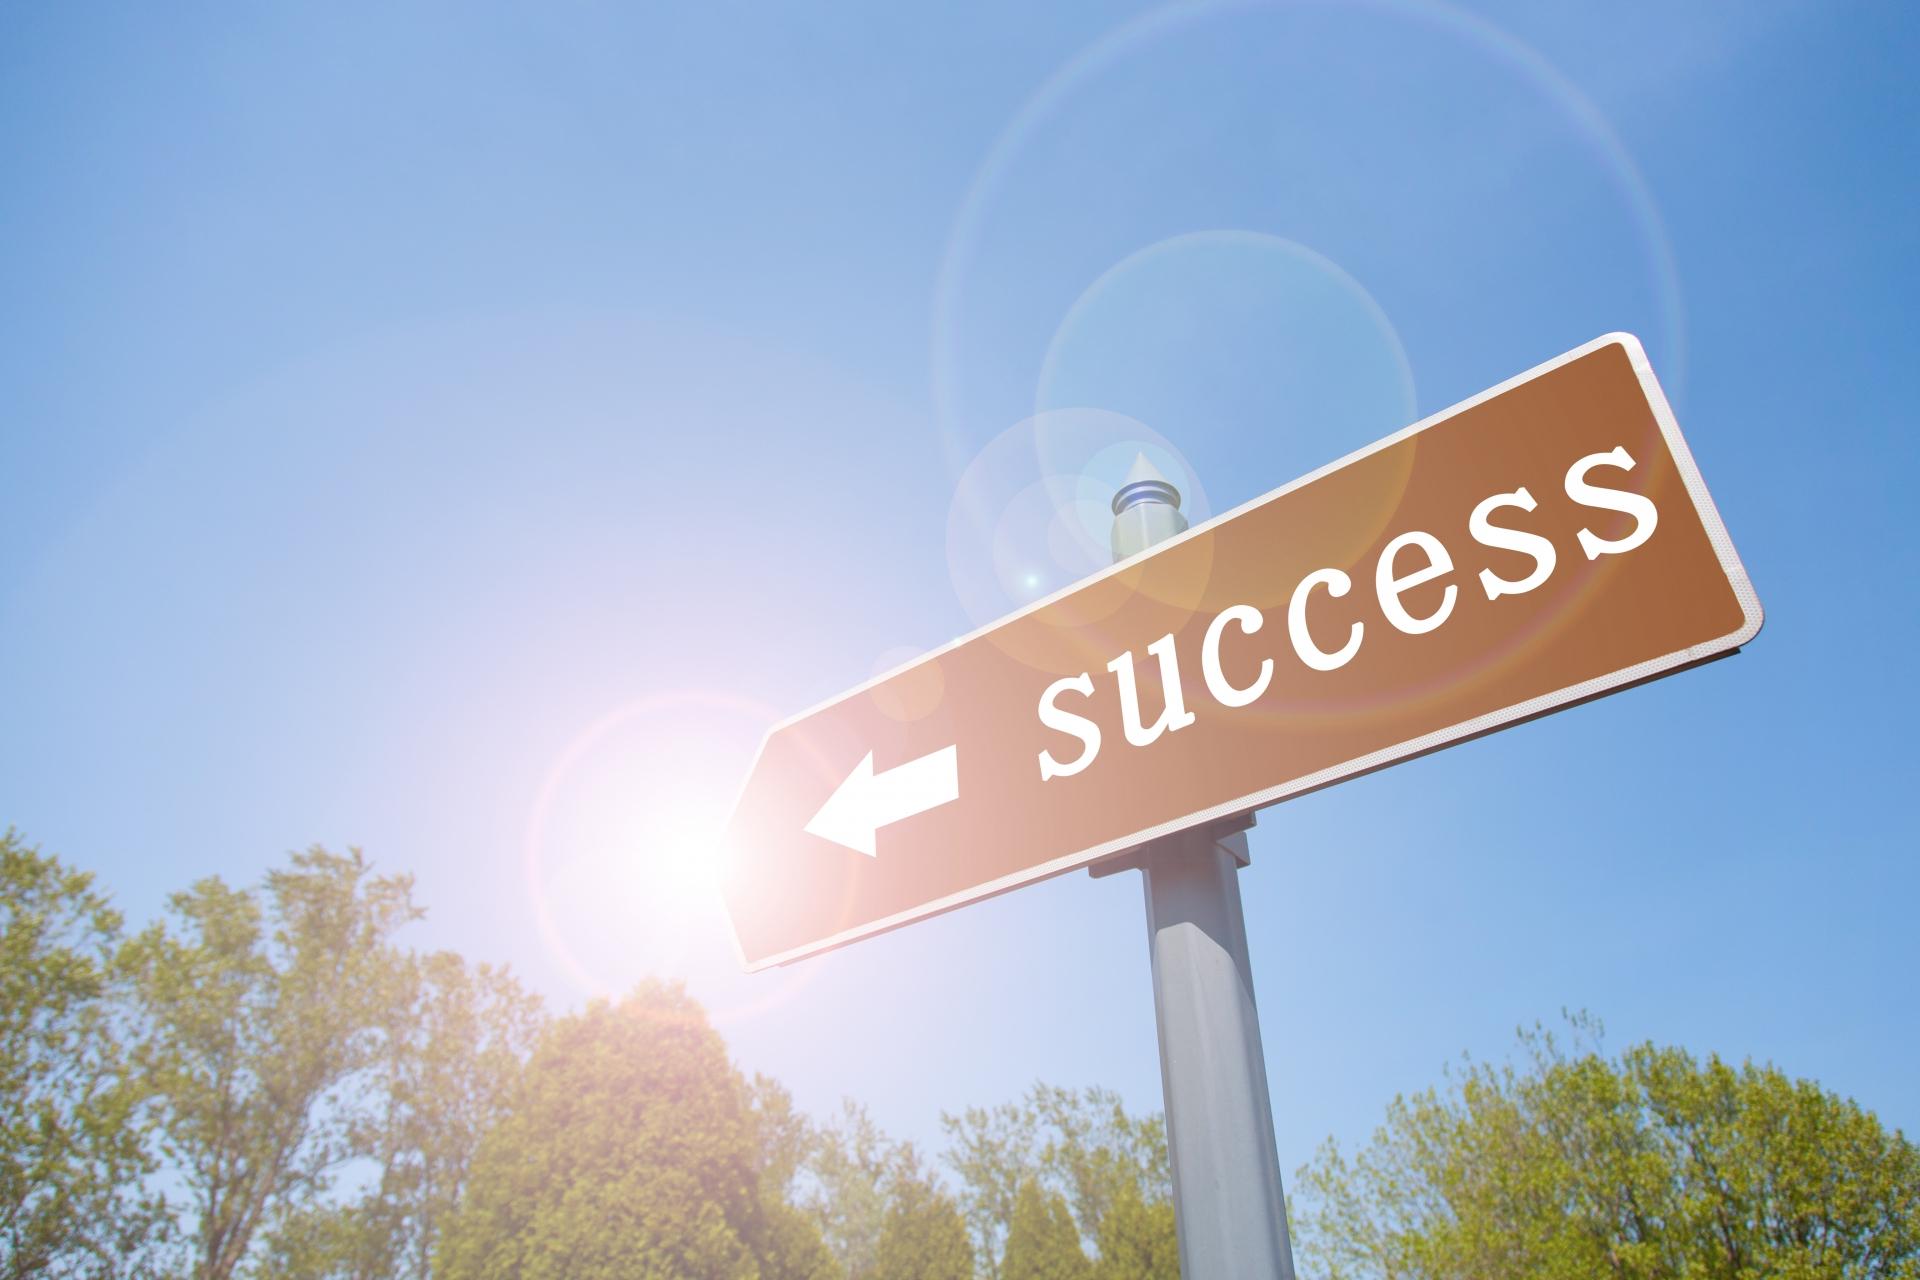 第66回 稼ぎ続ける投資家が歩むべき道